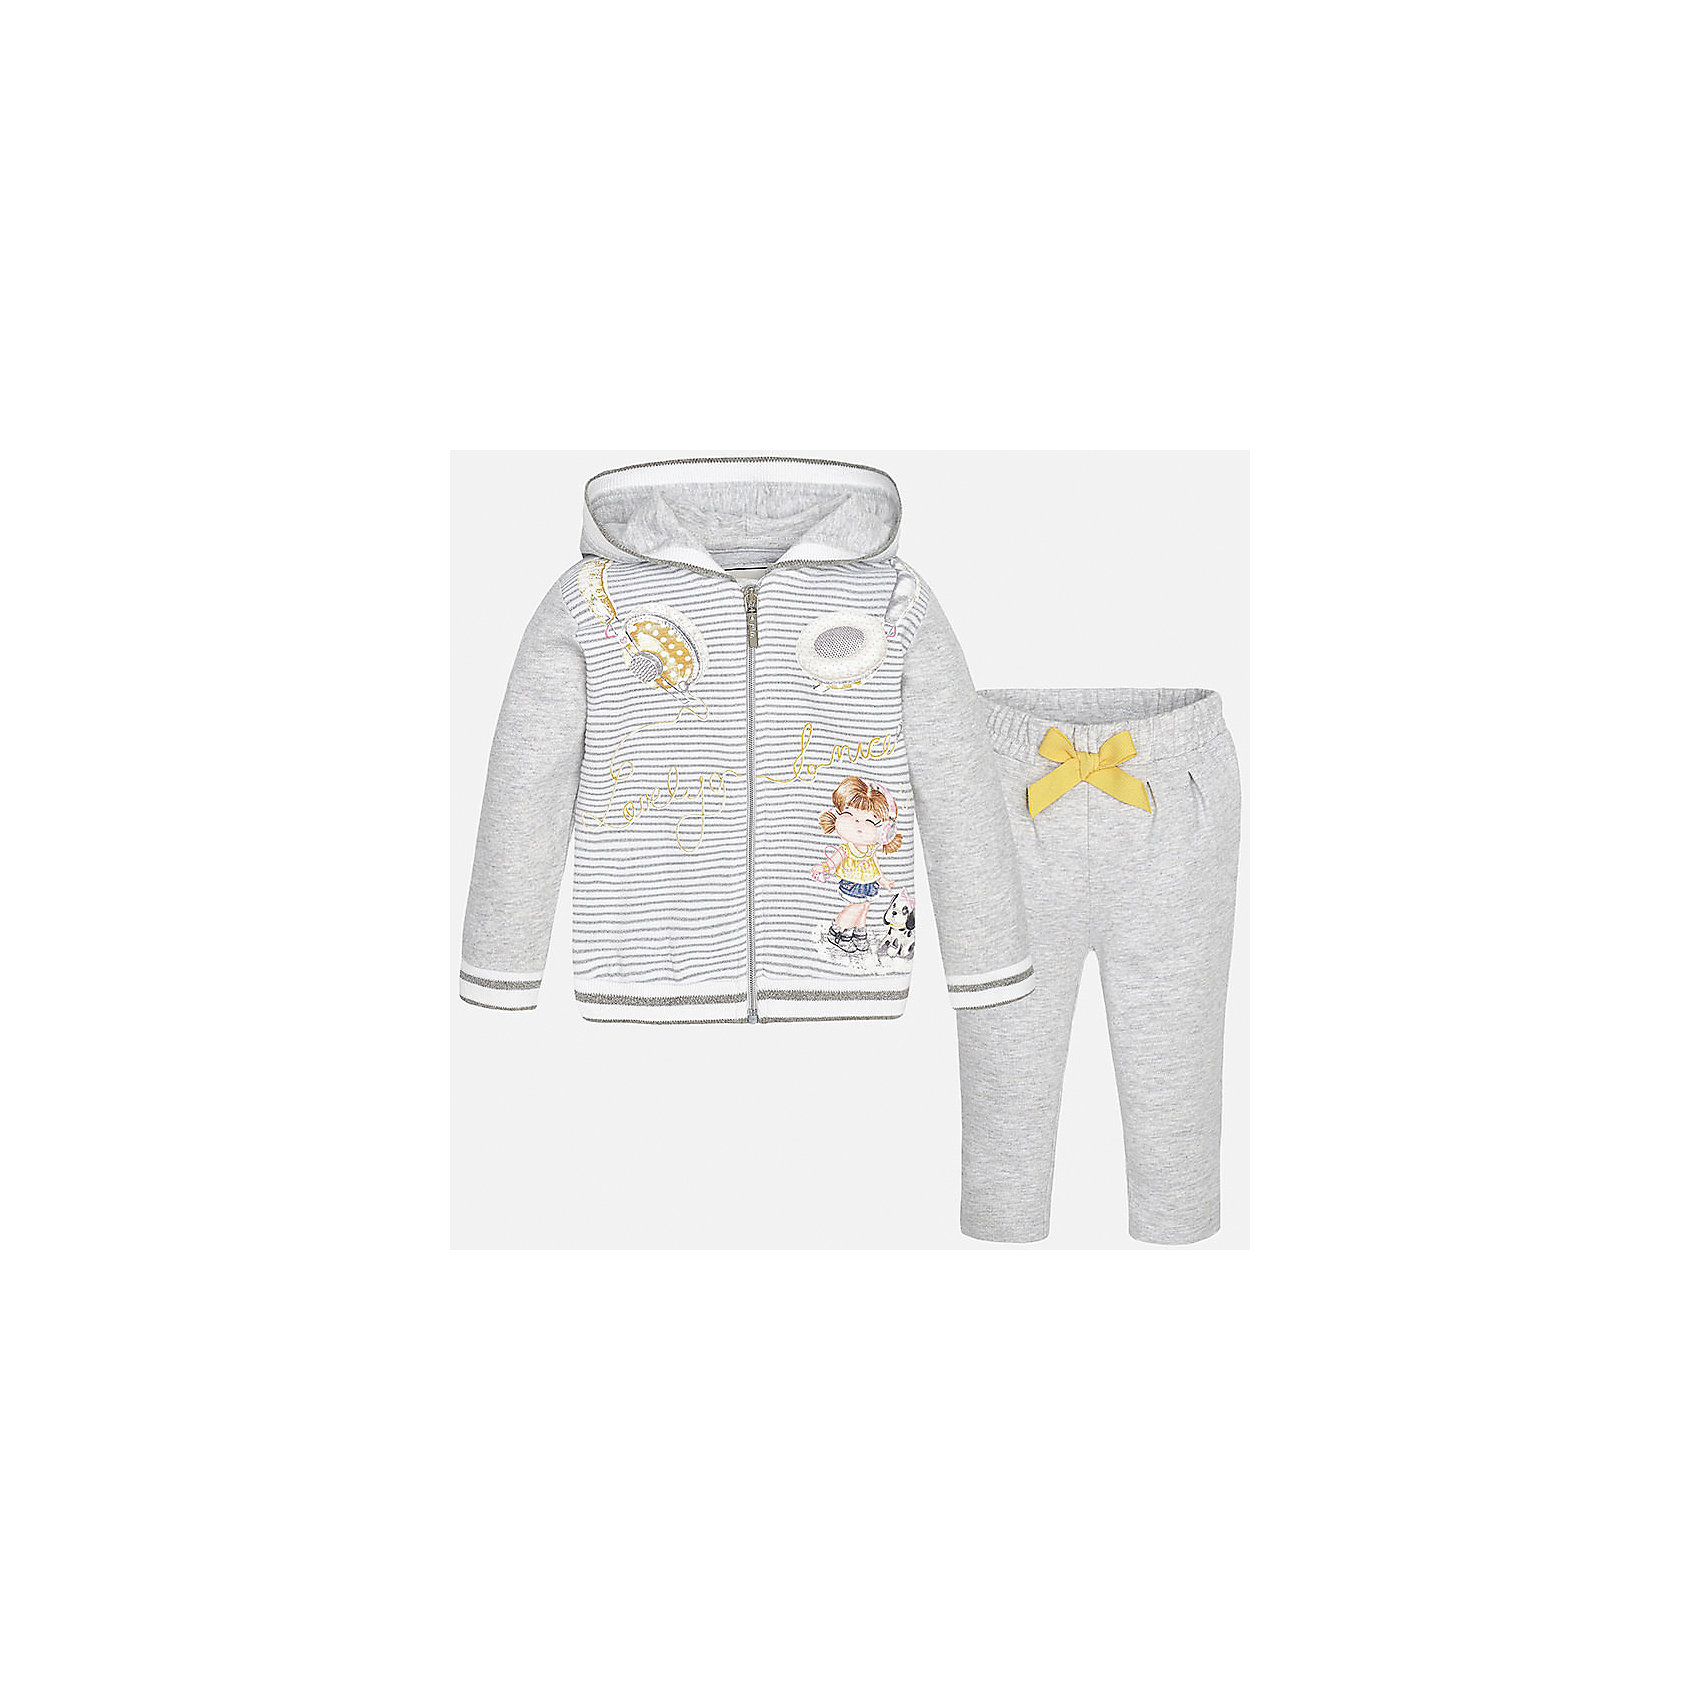 Спортивный костюм для девочки MayoralХарактеристики товара:<br><br>• цвет: серый<br>• состав: 98% хлопок, 1% металлизированная нить, 1% эластан<br>• комплектация: курточка, штаны<br>• куртка декорирована принтом<br>• карманы<br>• капюшон<br>• штаны однотонные<br>• пояс на резинке<br>• бант<br>• страна бренда: Испания<br><br>Стильный качественный спортивный костюм для девочки поможет разнообразить гардероб ребенка и удобно одеться в теплую погоду. Курточка и штаны отлично сочетаются с другими предметами. Универсальный цвет позволяет подобрать к вещам верхнюю одежду практически любой расцветки. Интересная отделка модели делает её нарядной и оригинальной. В составе материала - натуральный хлопок, гипоаллергенный, приятный на ощупь, дышащий.<br><br>Одежда, обувь и аксессуары от испанского бренда Mayoral полюбились детям и взрослым по всему миру. Модели этой марки - стильные и удобные. Для их производства используются только безопасные, качественные материалы и фурнитура. Порадуйте ребенка модными и красивыми вещами от Mayoral! <br><br>Спортивный костюм для девочки от испанского бренда Mayoral (Майорал) можно купить в нашем интернет-магазине.<br><br>Ширина мм: 247<br>Глубина мм: 16<br>Высота мм: 140<br>Вес г: 225<br>Цвет: белый<br>Возраст от месяцев: 18<br>Возраст до месяцев: 24<br>Пол: Женский<br>Возраст: Детский<br>Размер: 92,74,80,86<br>SKU: 5289148